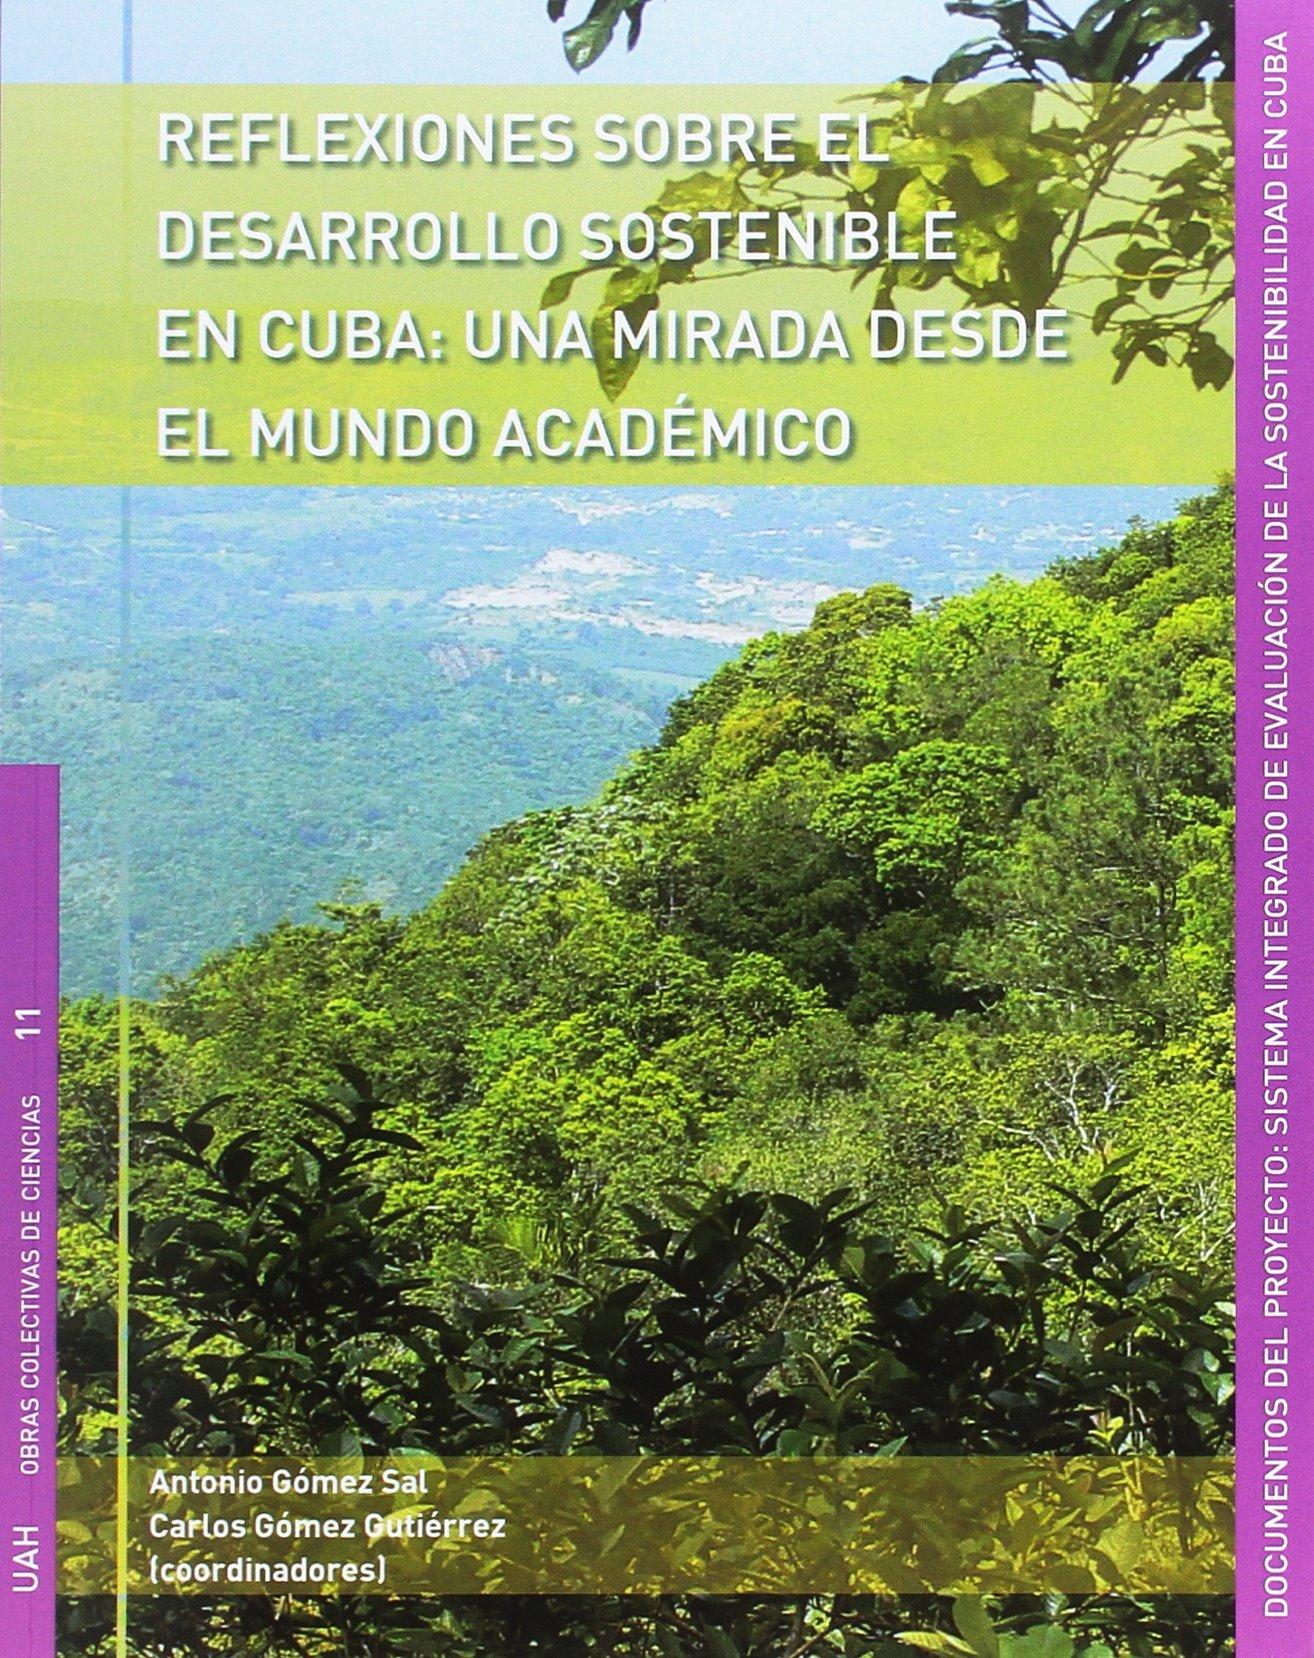 Reflexiones sobre el desarrollo sostenible en Cuba: una mirada desde el mundo académico Obras Colectivas Ciencias: Amazon.es: Gómez Gutiérrez, Carlos, Gómez Sal, Antonio: Libros